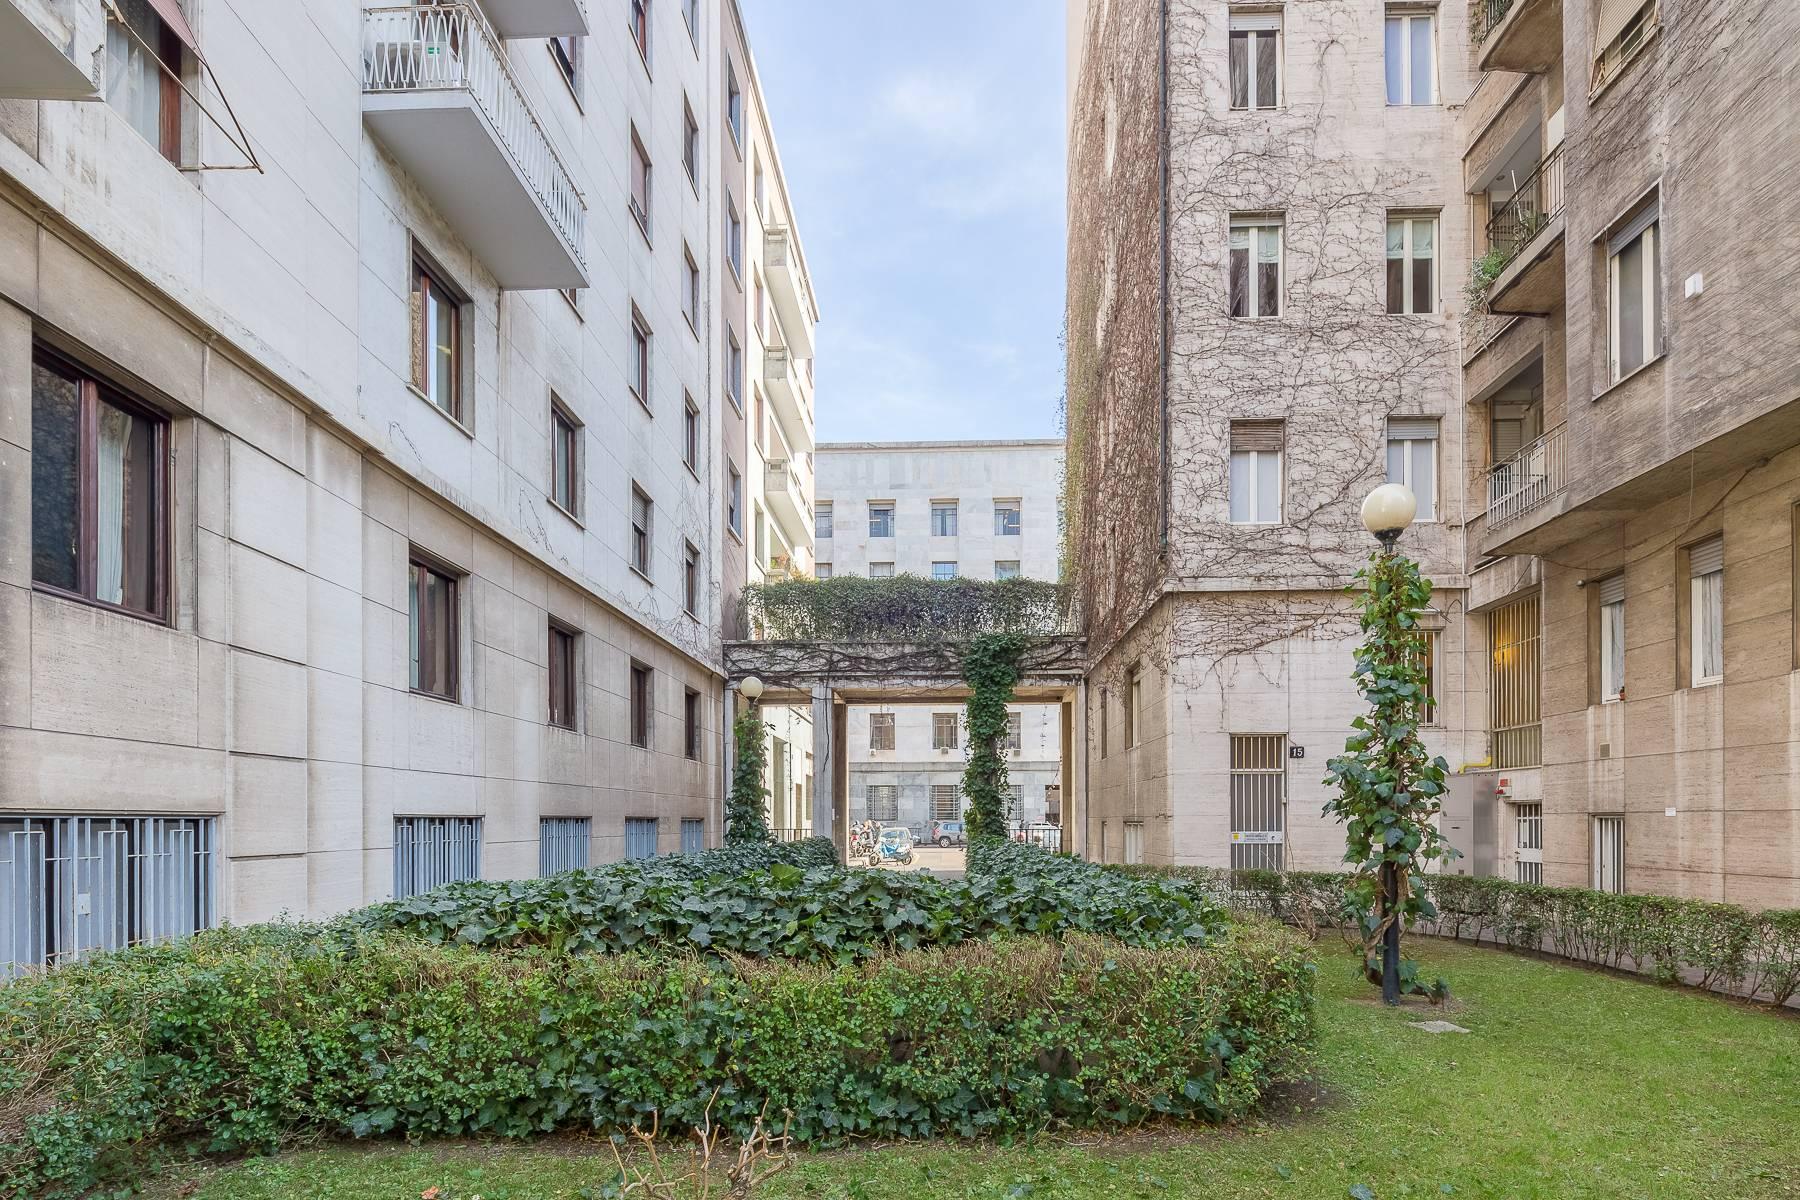 Ufficio-studio in Vendita a Milano: 4 locali, 155 mq - Foto 21